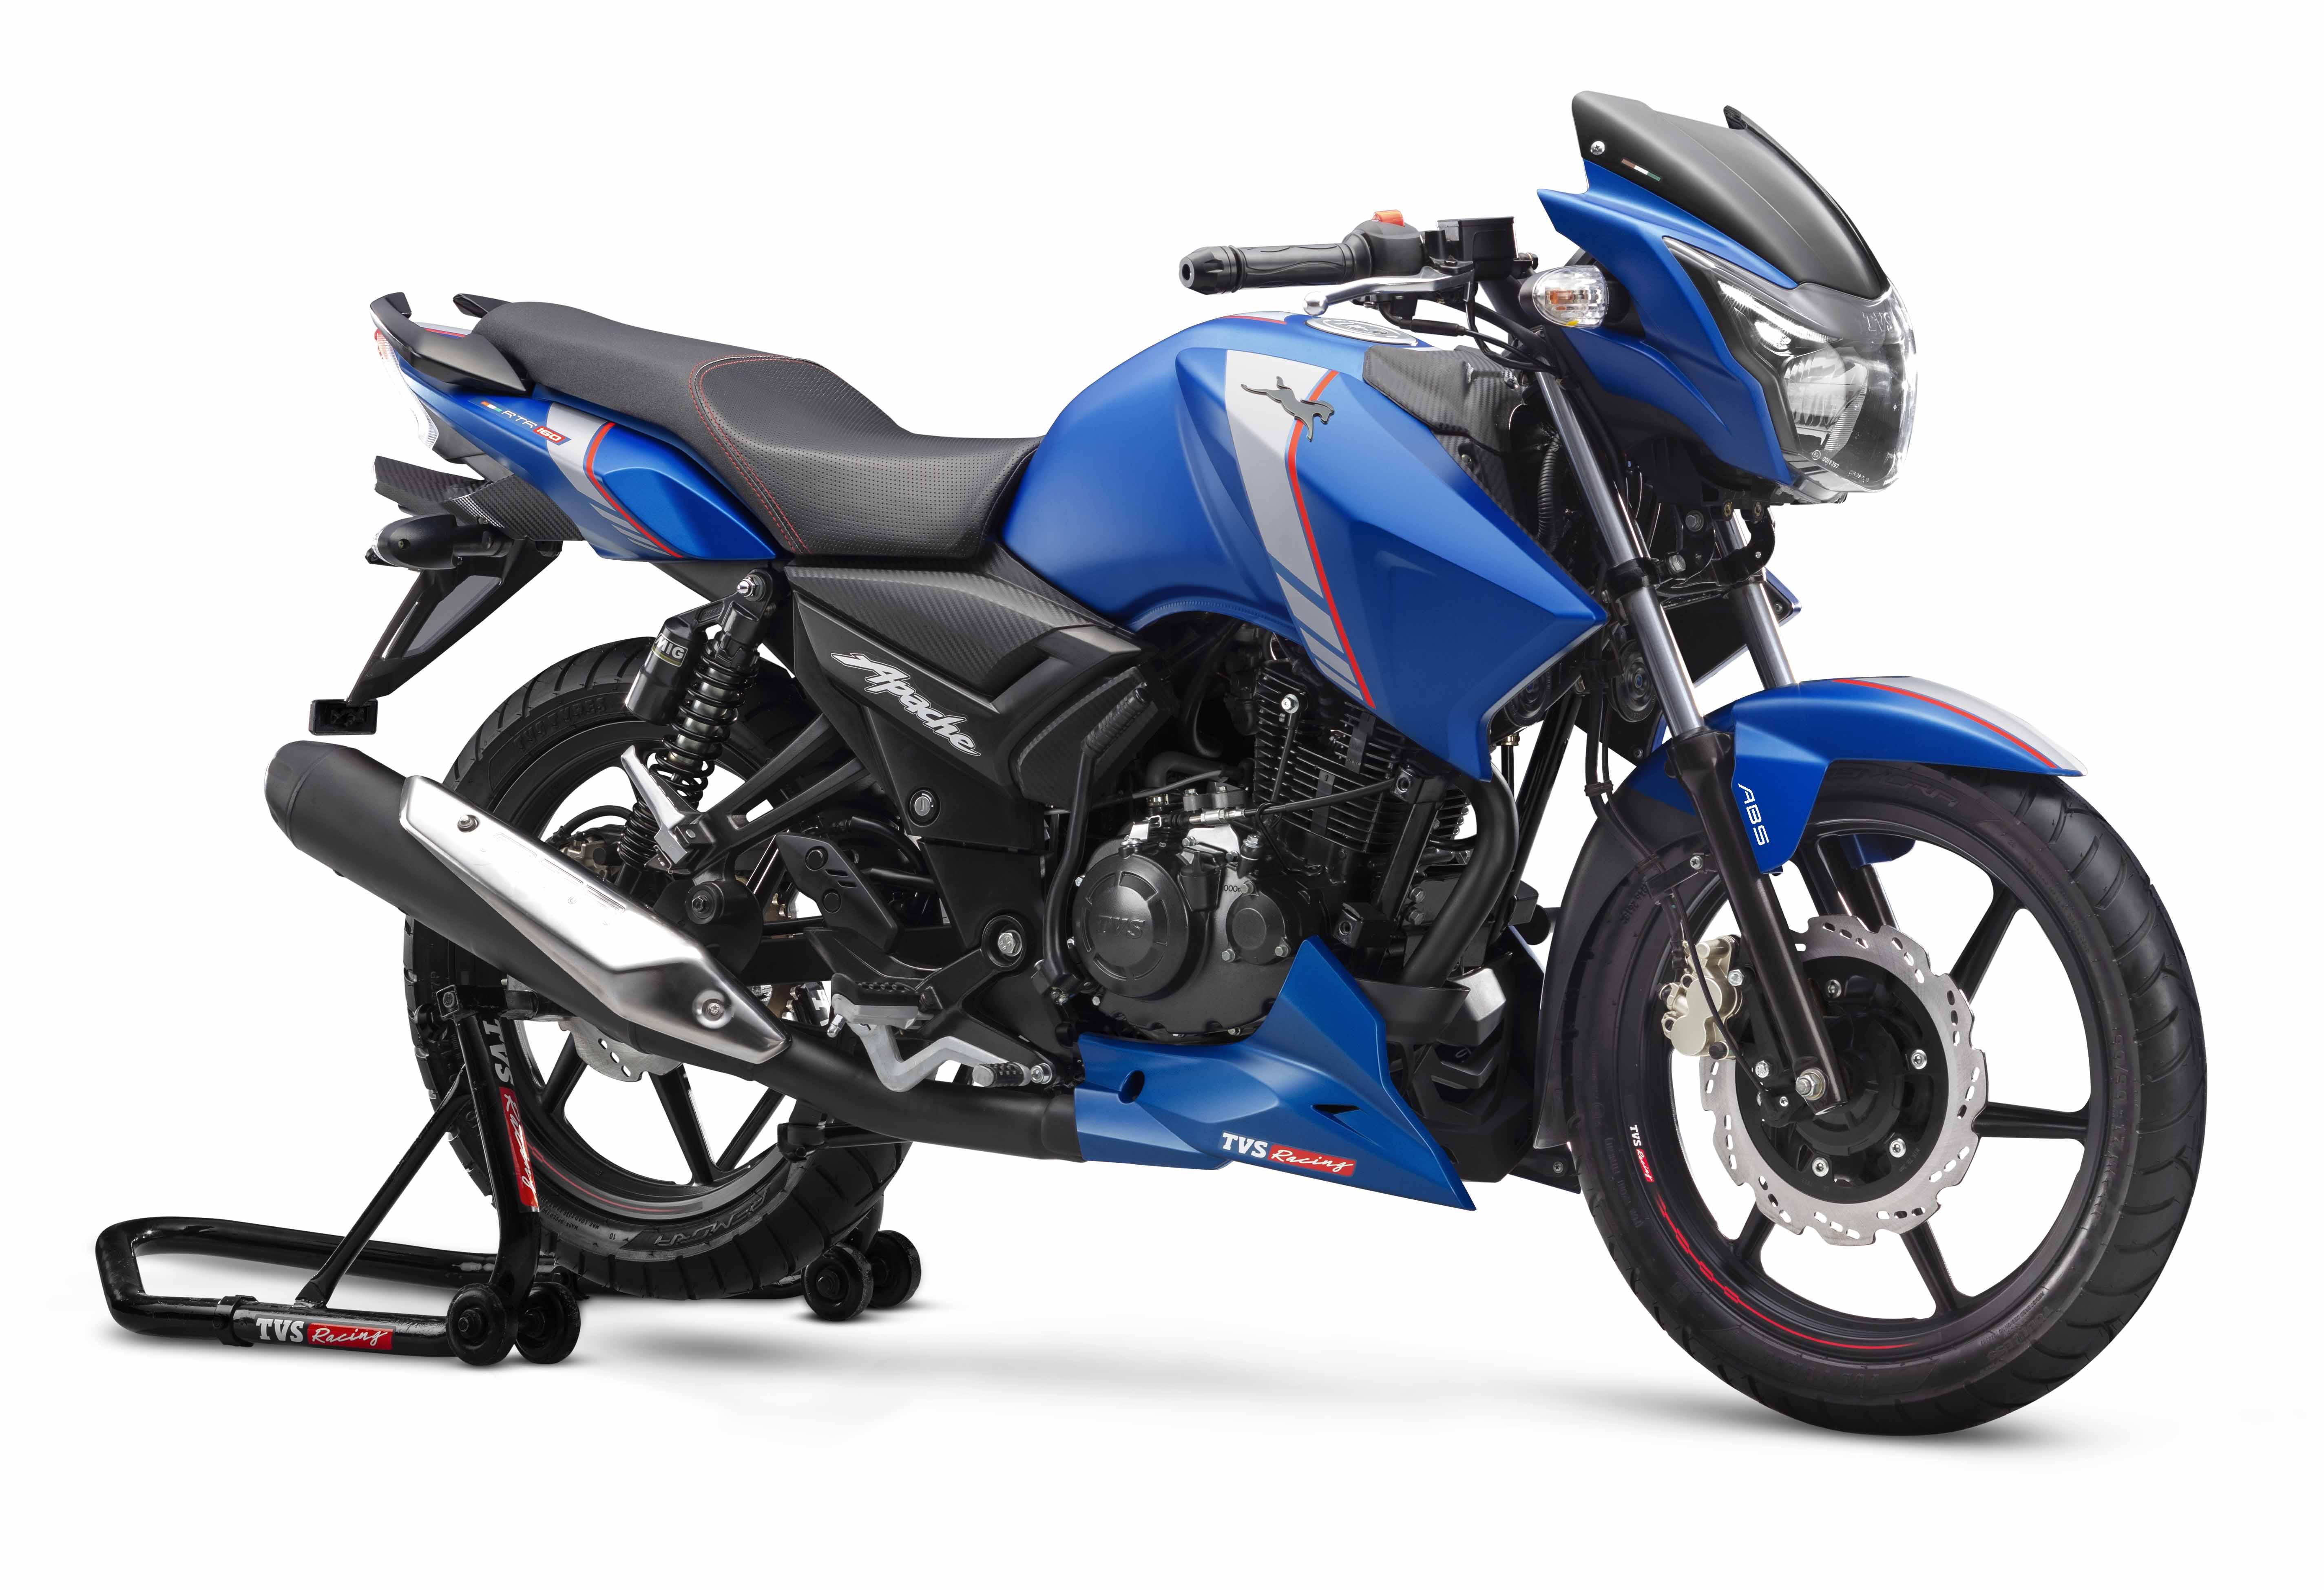 TVS Ntorq 125cc scooter gets an option of a new Matte